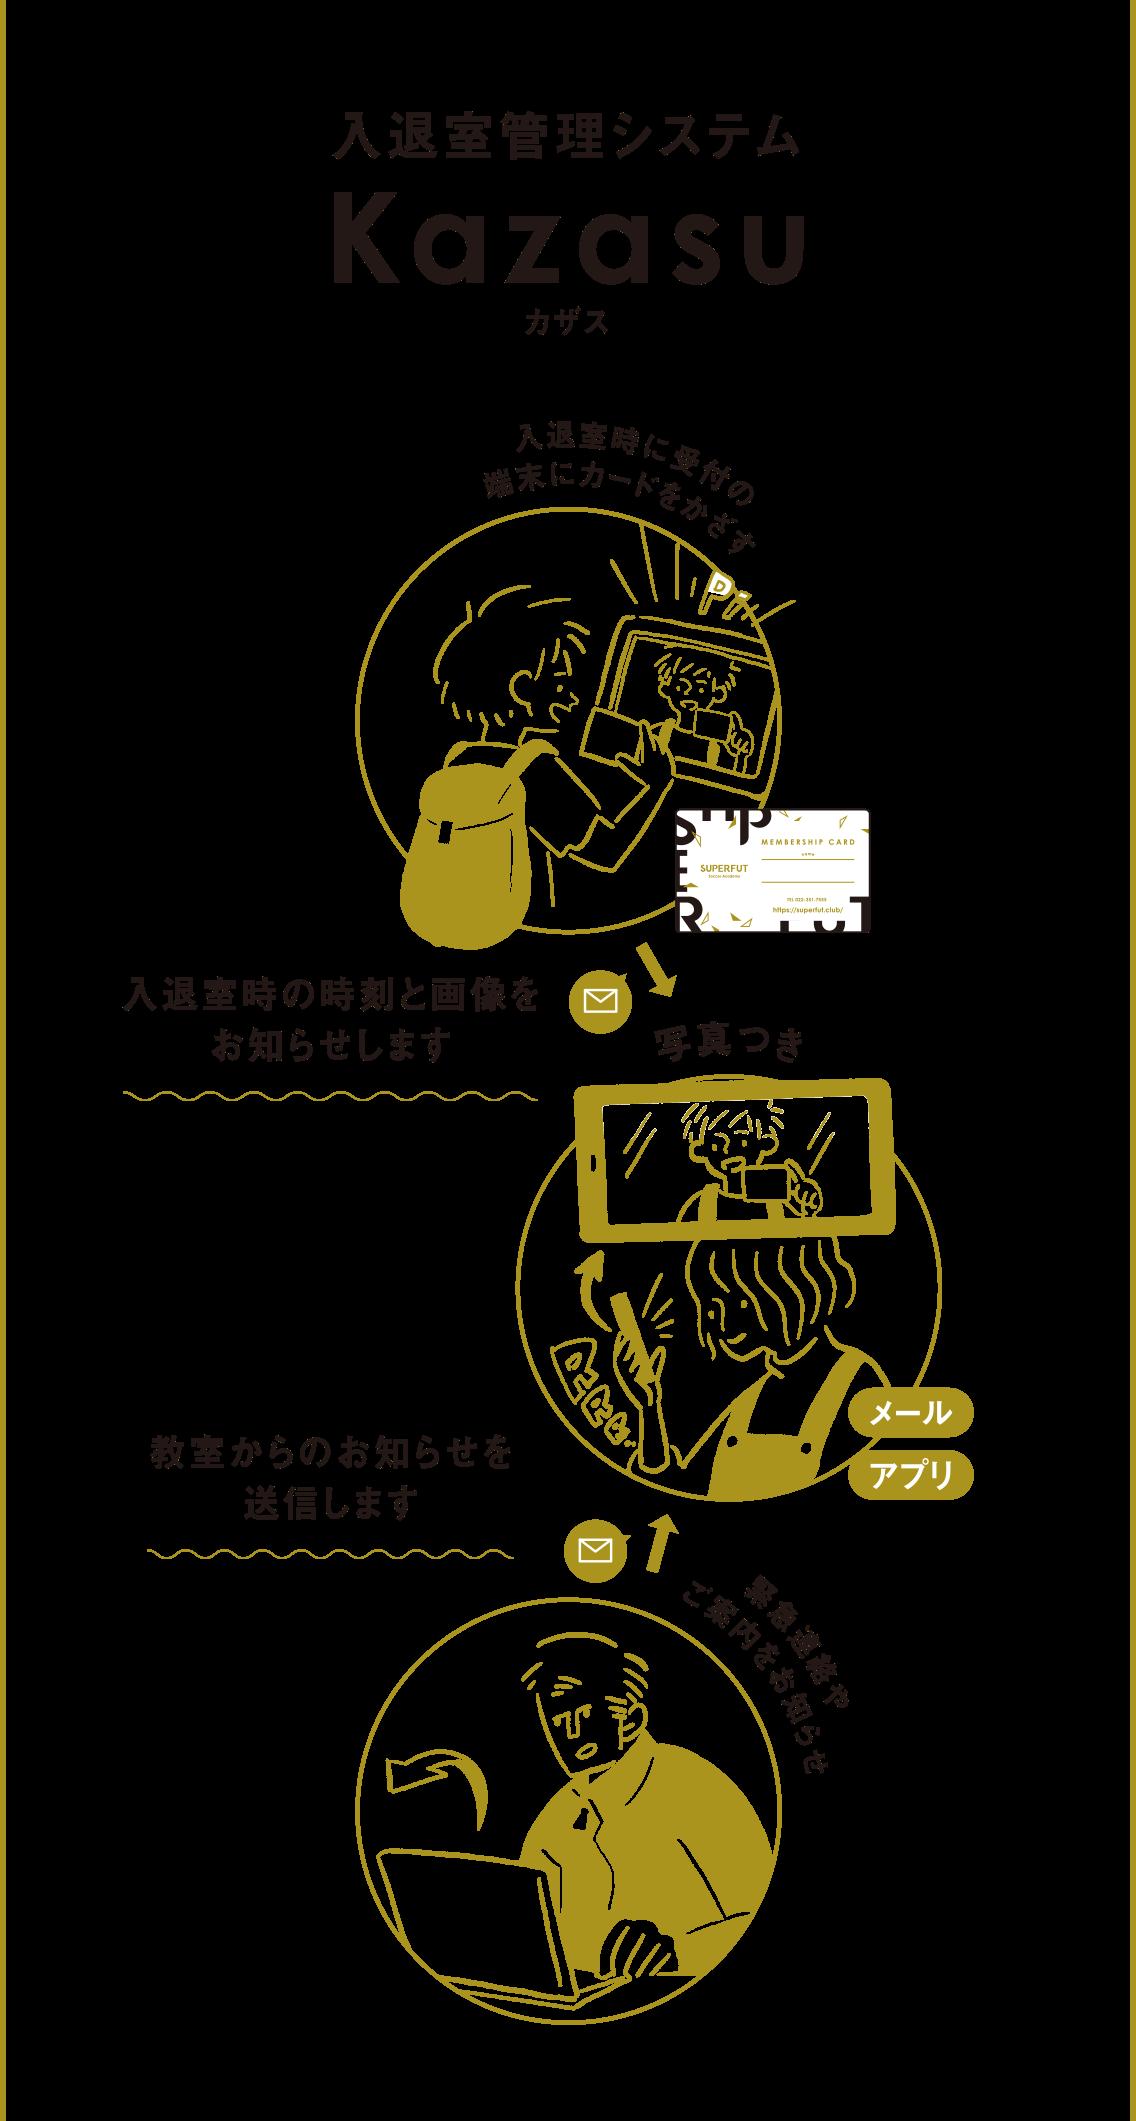 入退室管理システム Kazasu